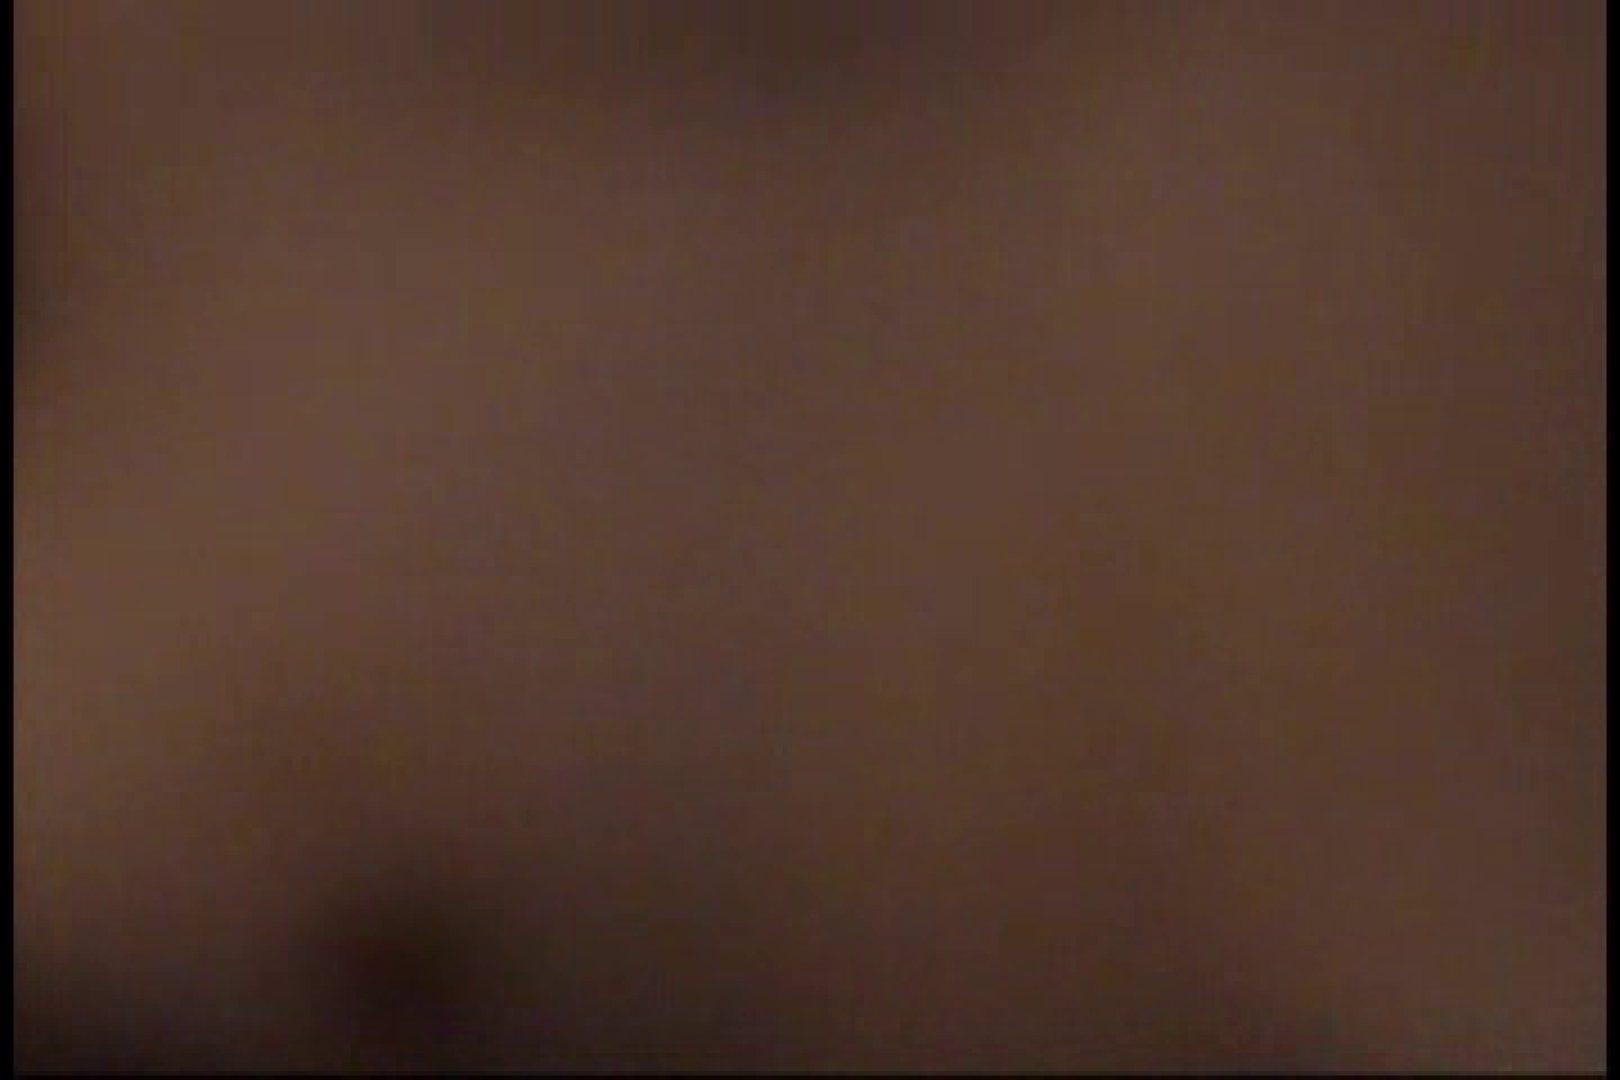 三ツ星シリーズ!!陰間茶屋独占!!第二弾!!イケメン羞恥心File.02 イケメン ケツマンスケベ画像 89枚 69